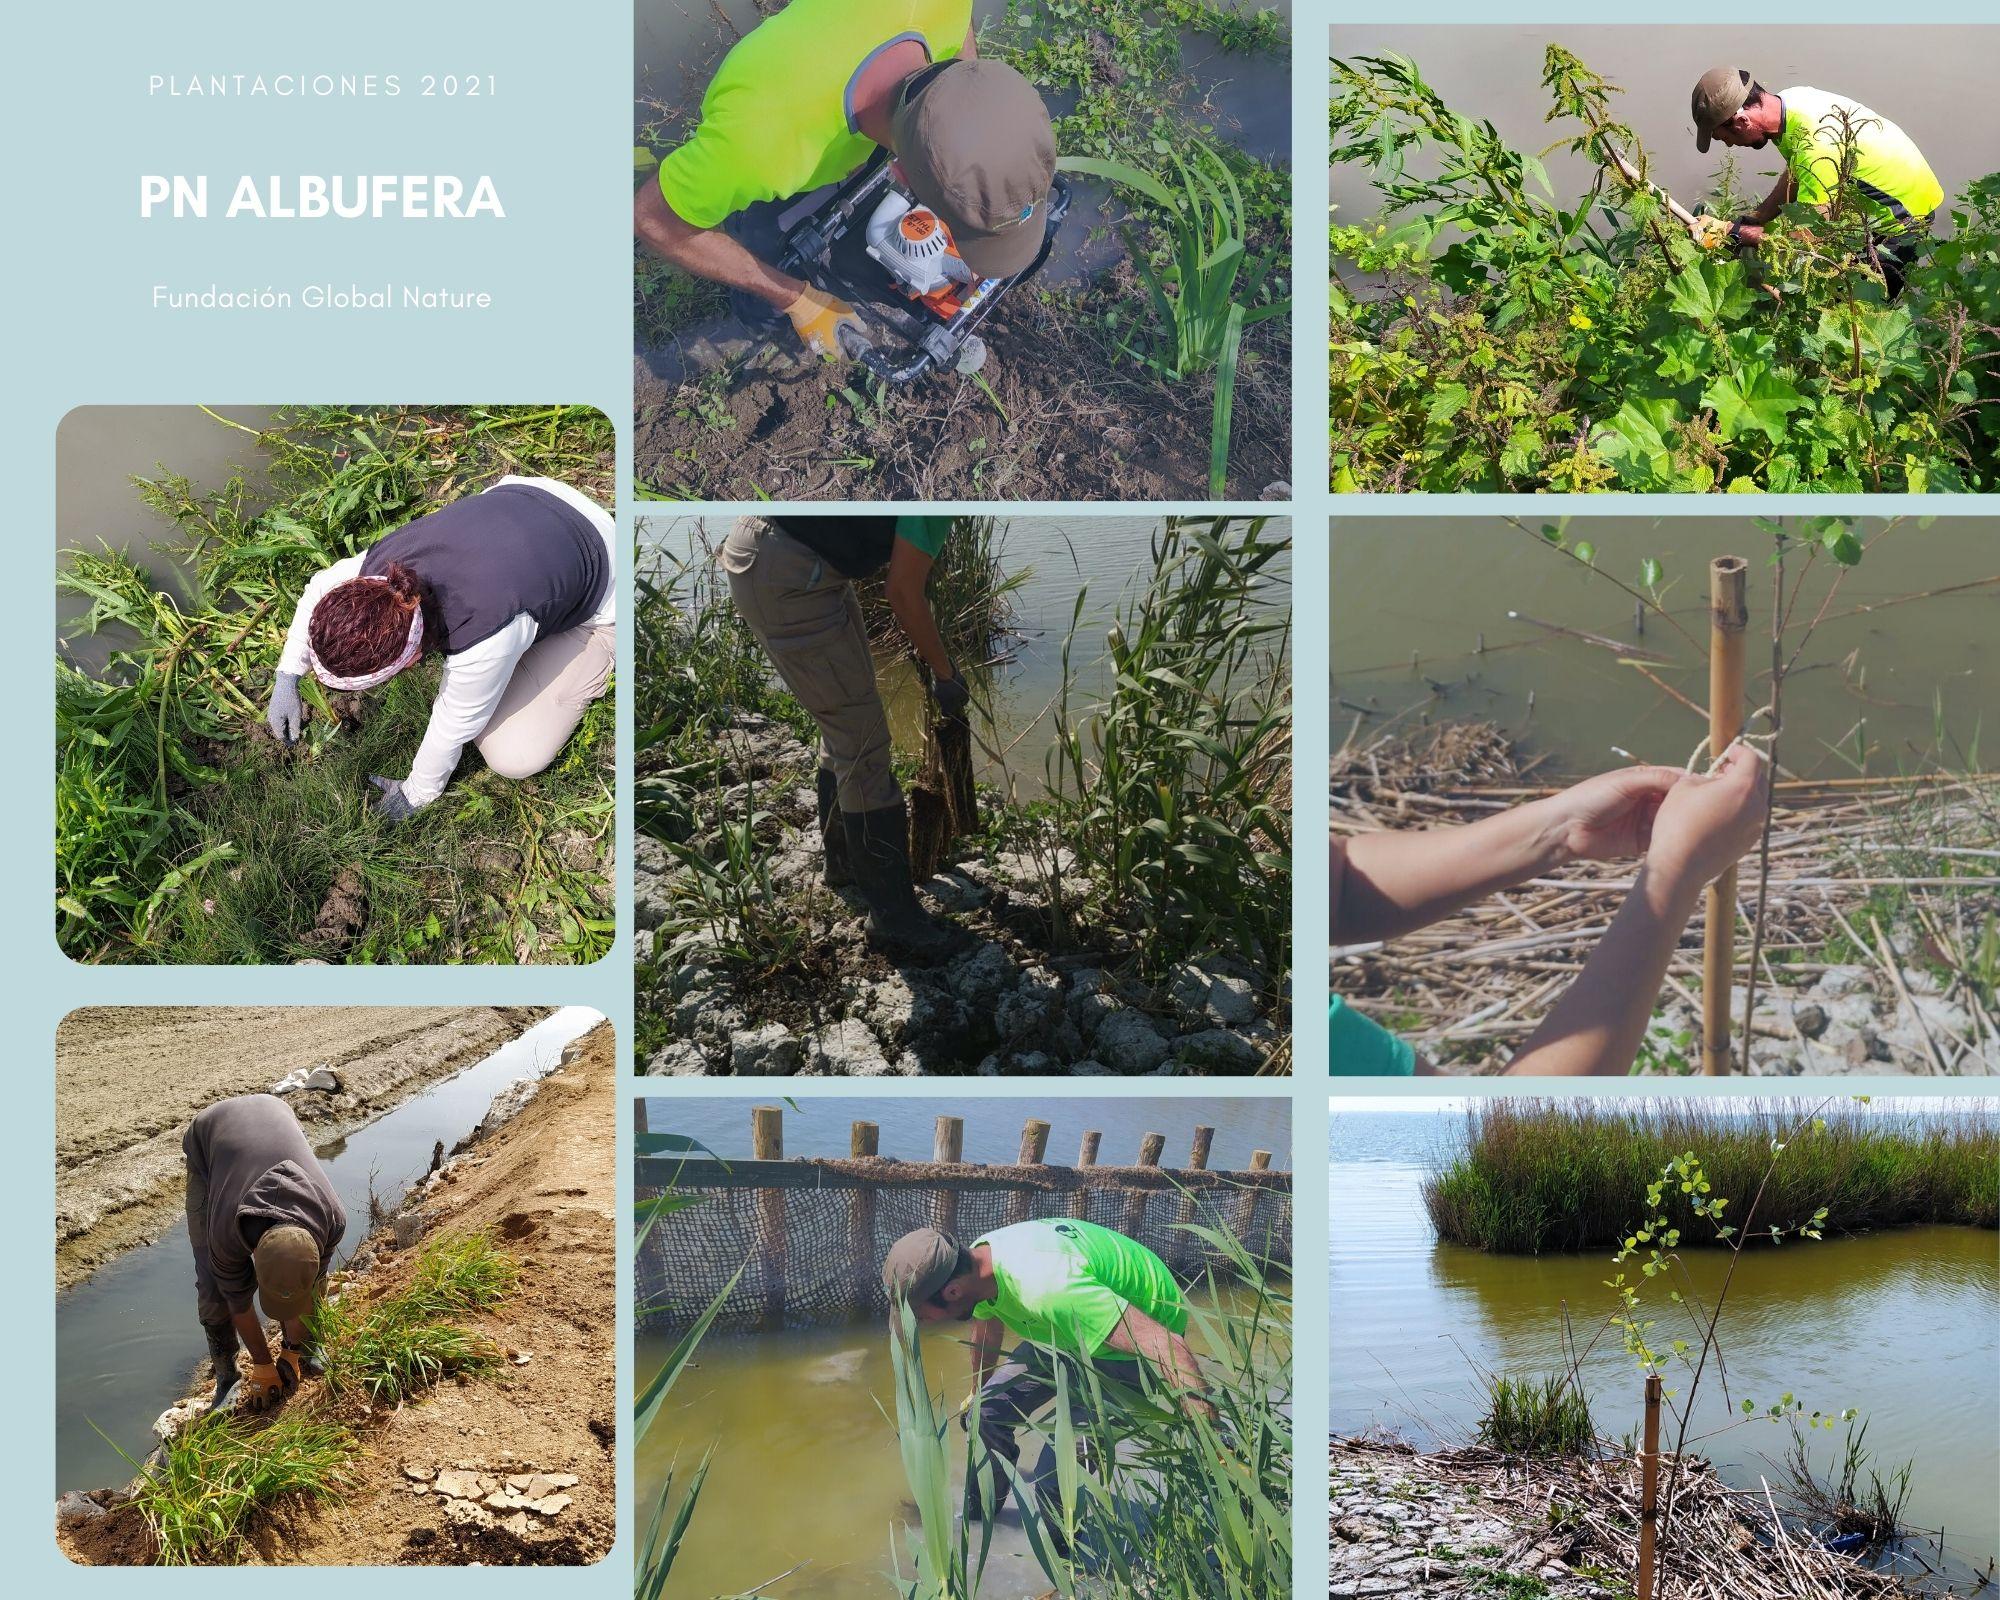 C:\FOTOS_FGN_LIFE_FOTOS\C4_Plantaciones\2021_03_PN ALBUFERA\COLLAGE ALBUFERA.jpg